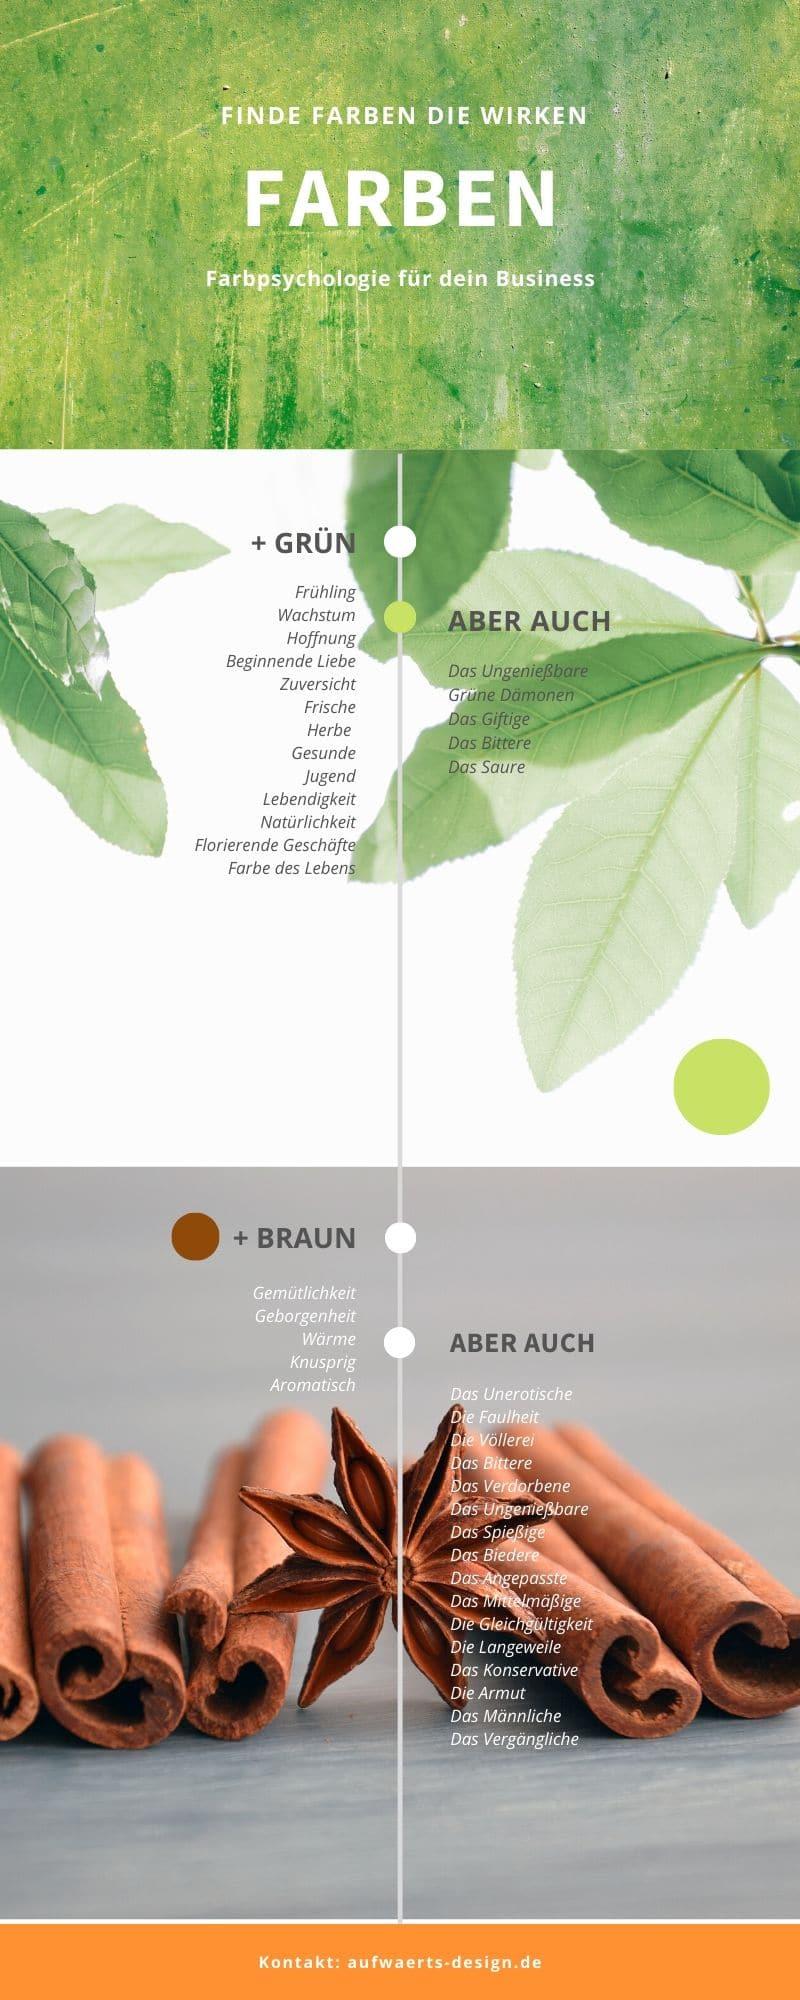 Farbpsychologie: Grün und Braun. So wirken die Farben auf uns.